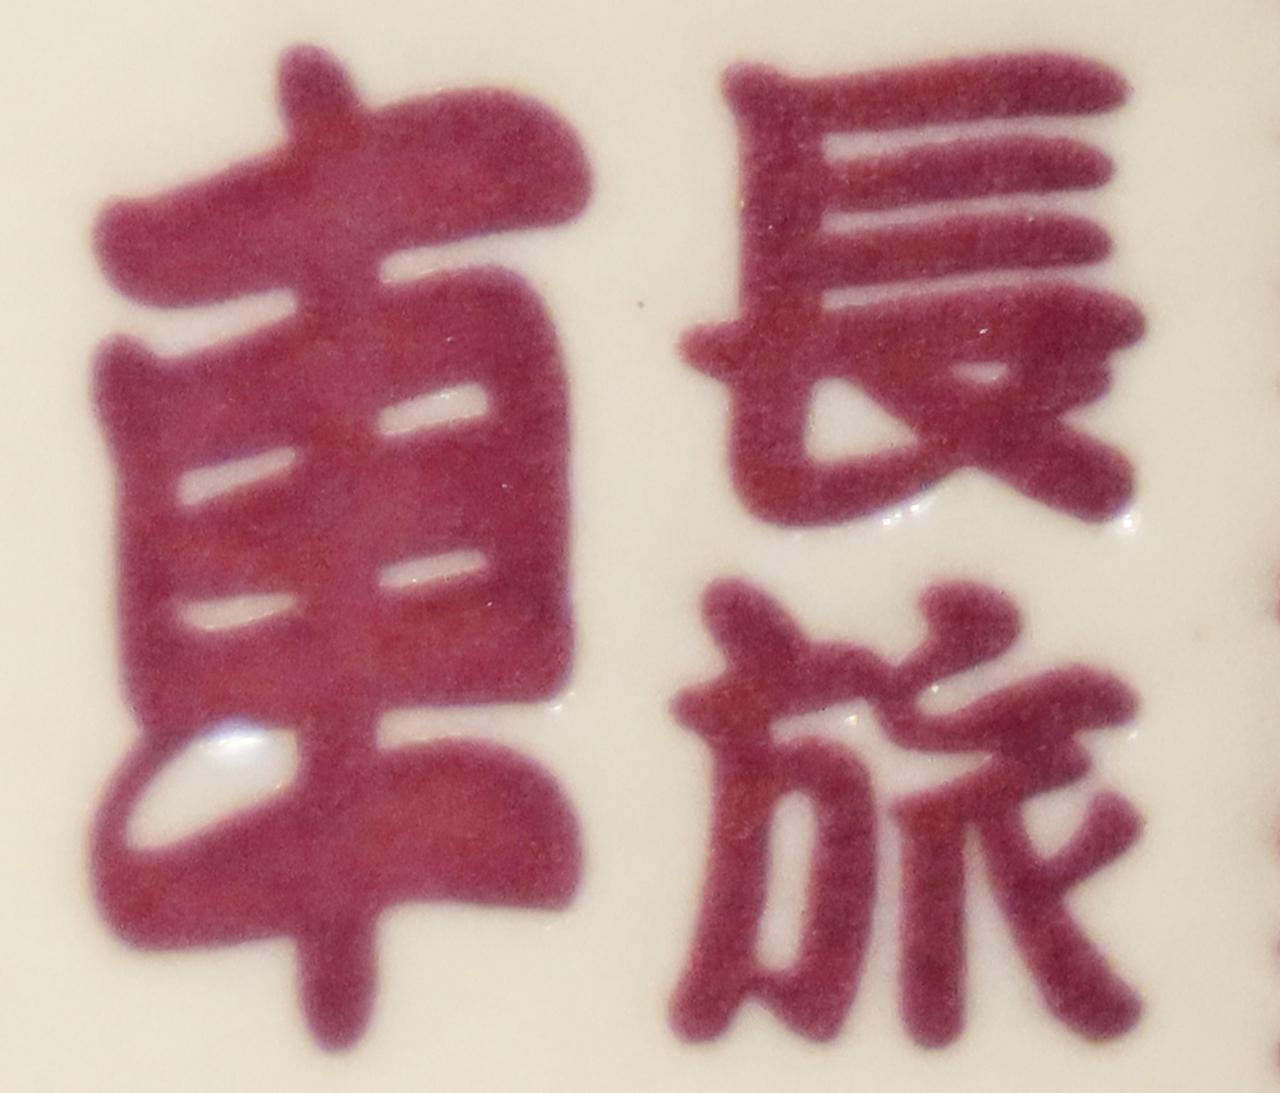 画像15: スズキ「湯呑」の2020年モデルはハイグリップ化に成功!? 創作漢字クイズもあるよ!【スズキ アルティメットクイズ③/難易度☆☆】